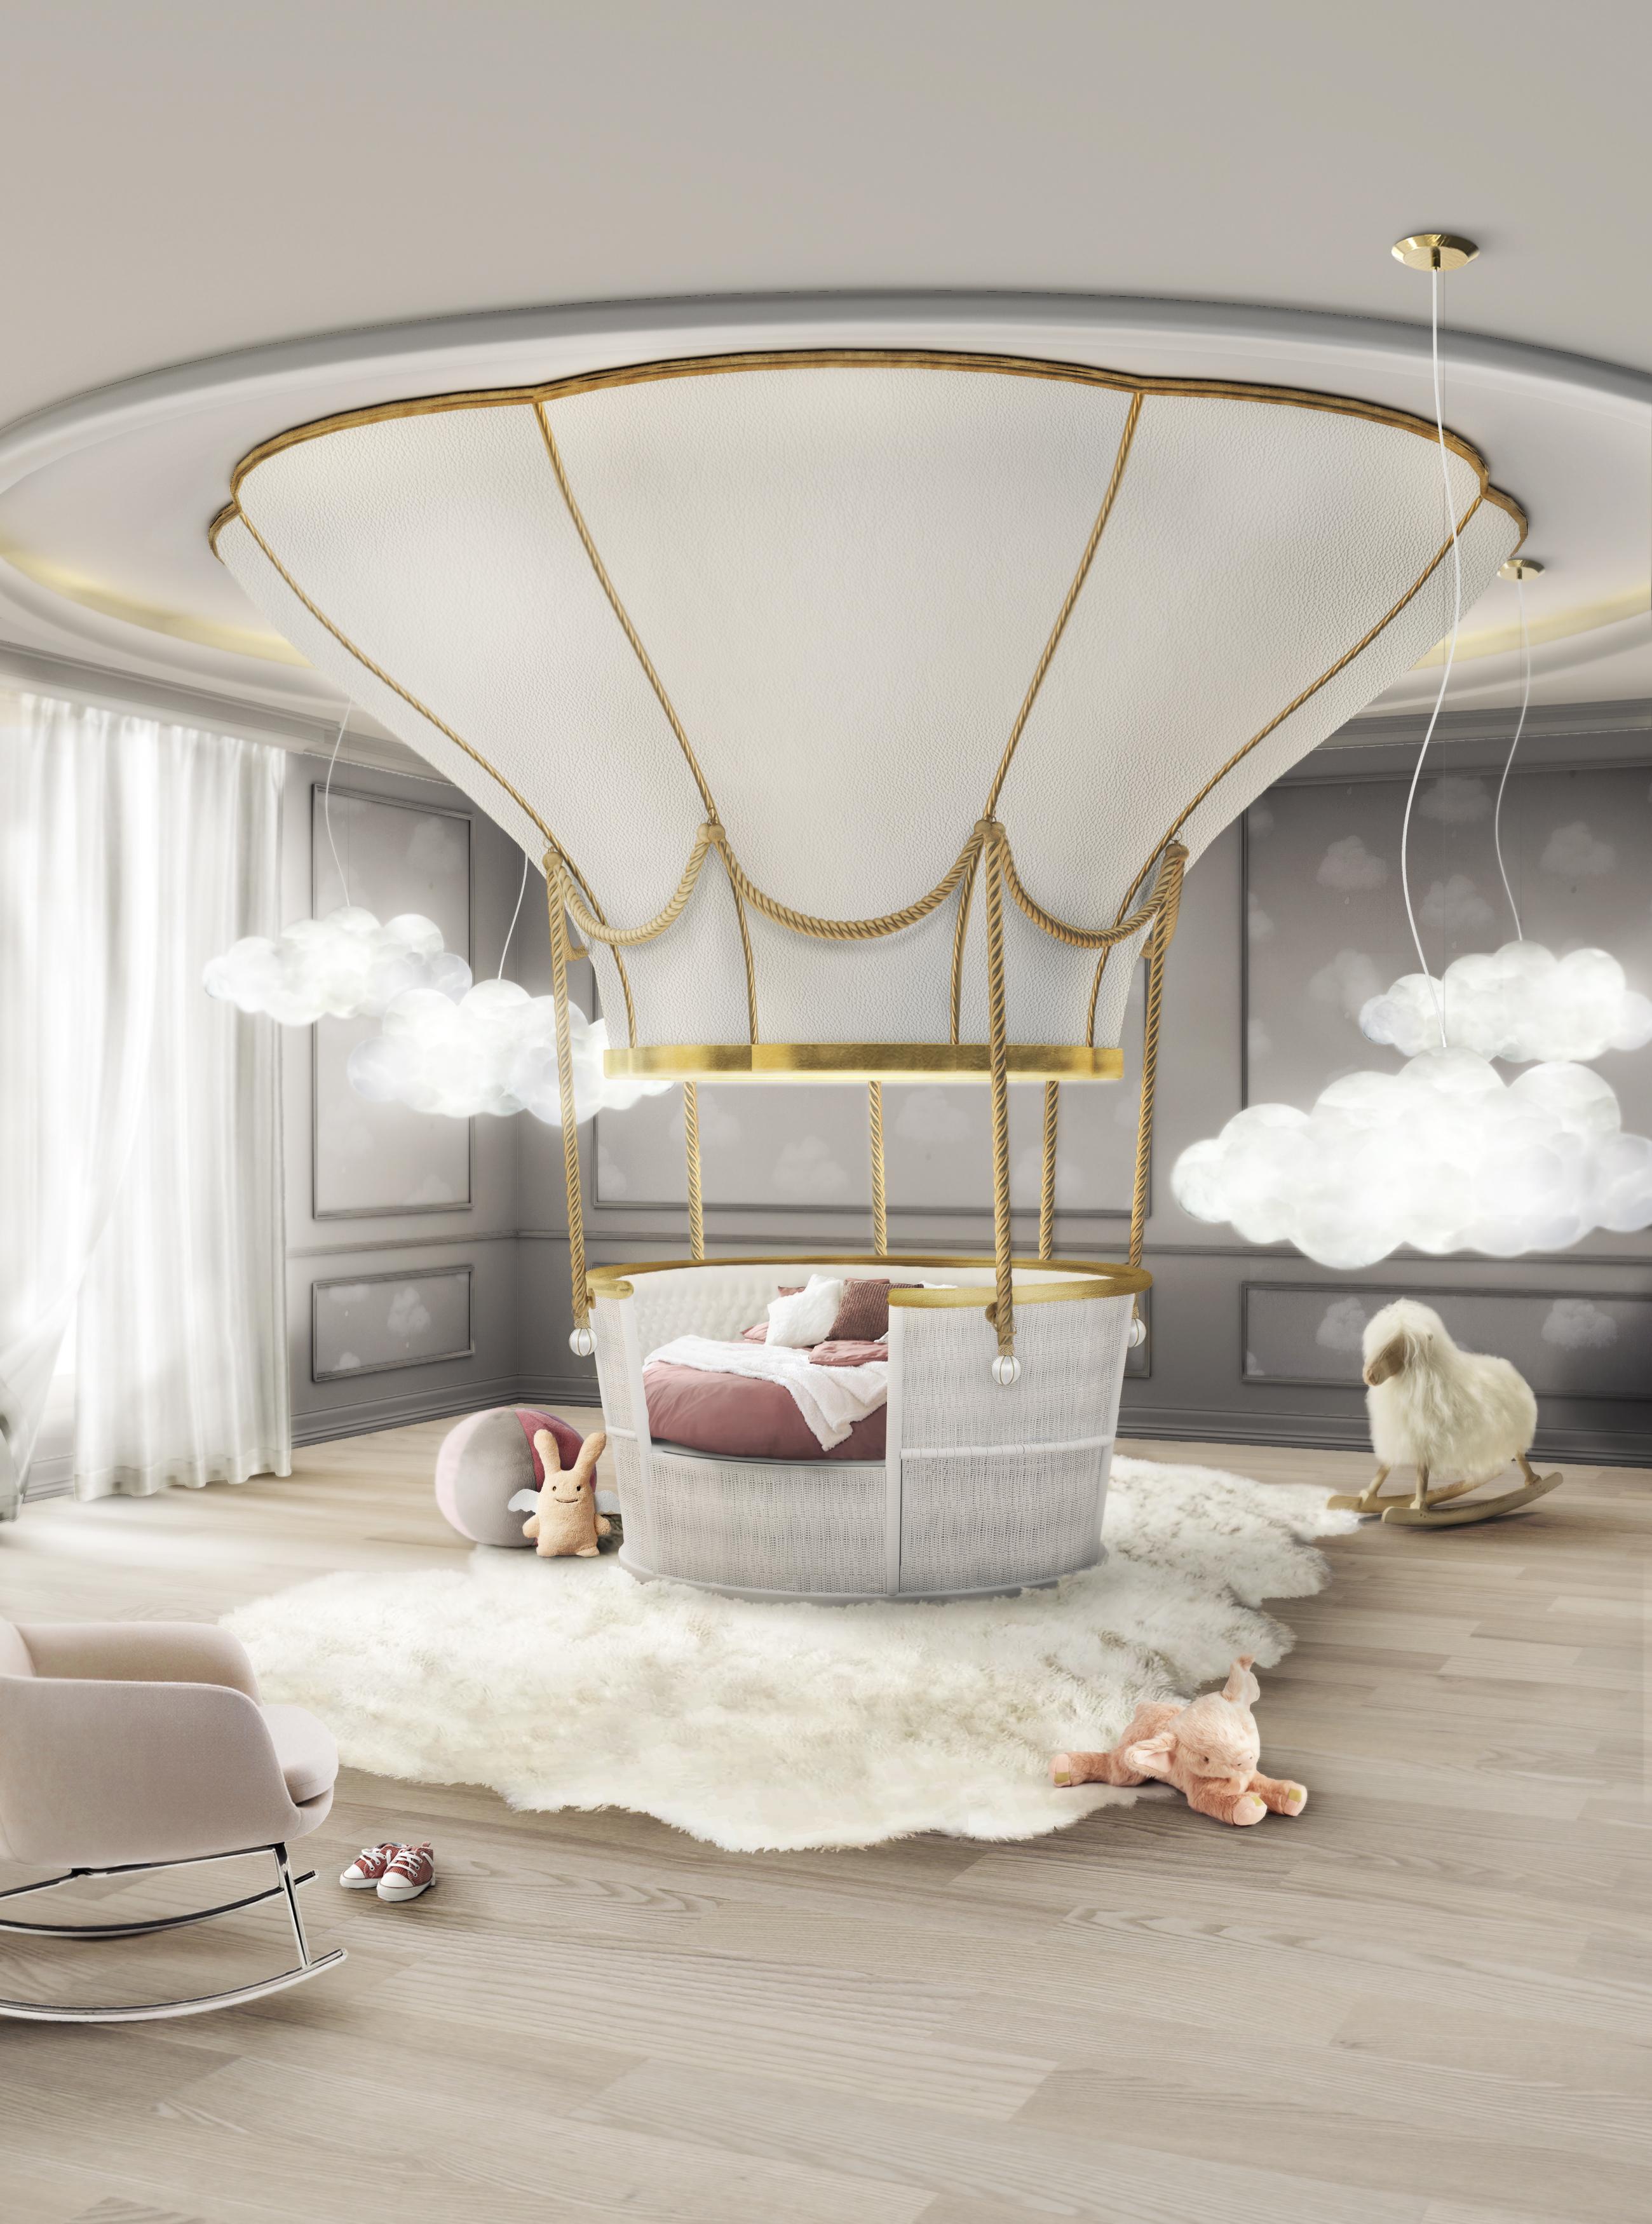 fantasy-air-balloon-ambiance-circu-magical-furniture